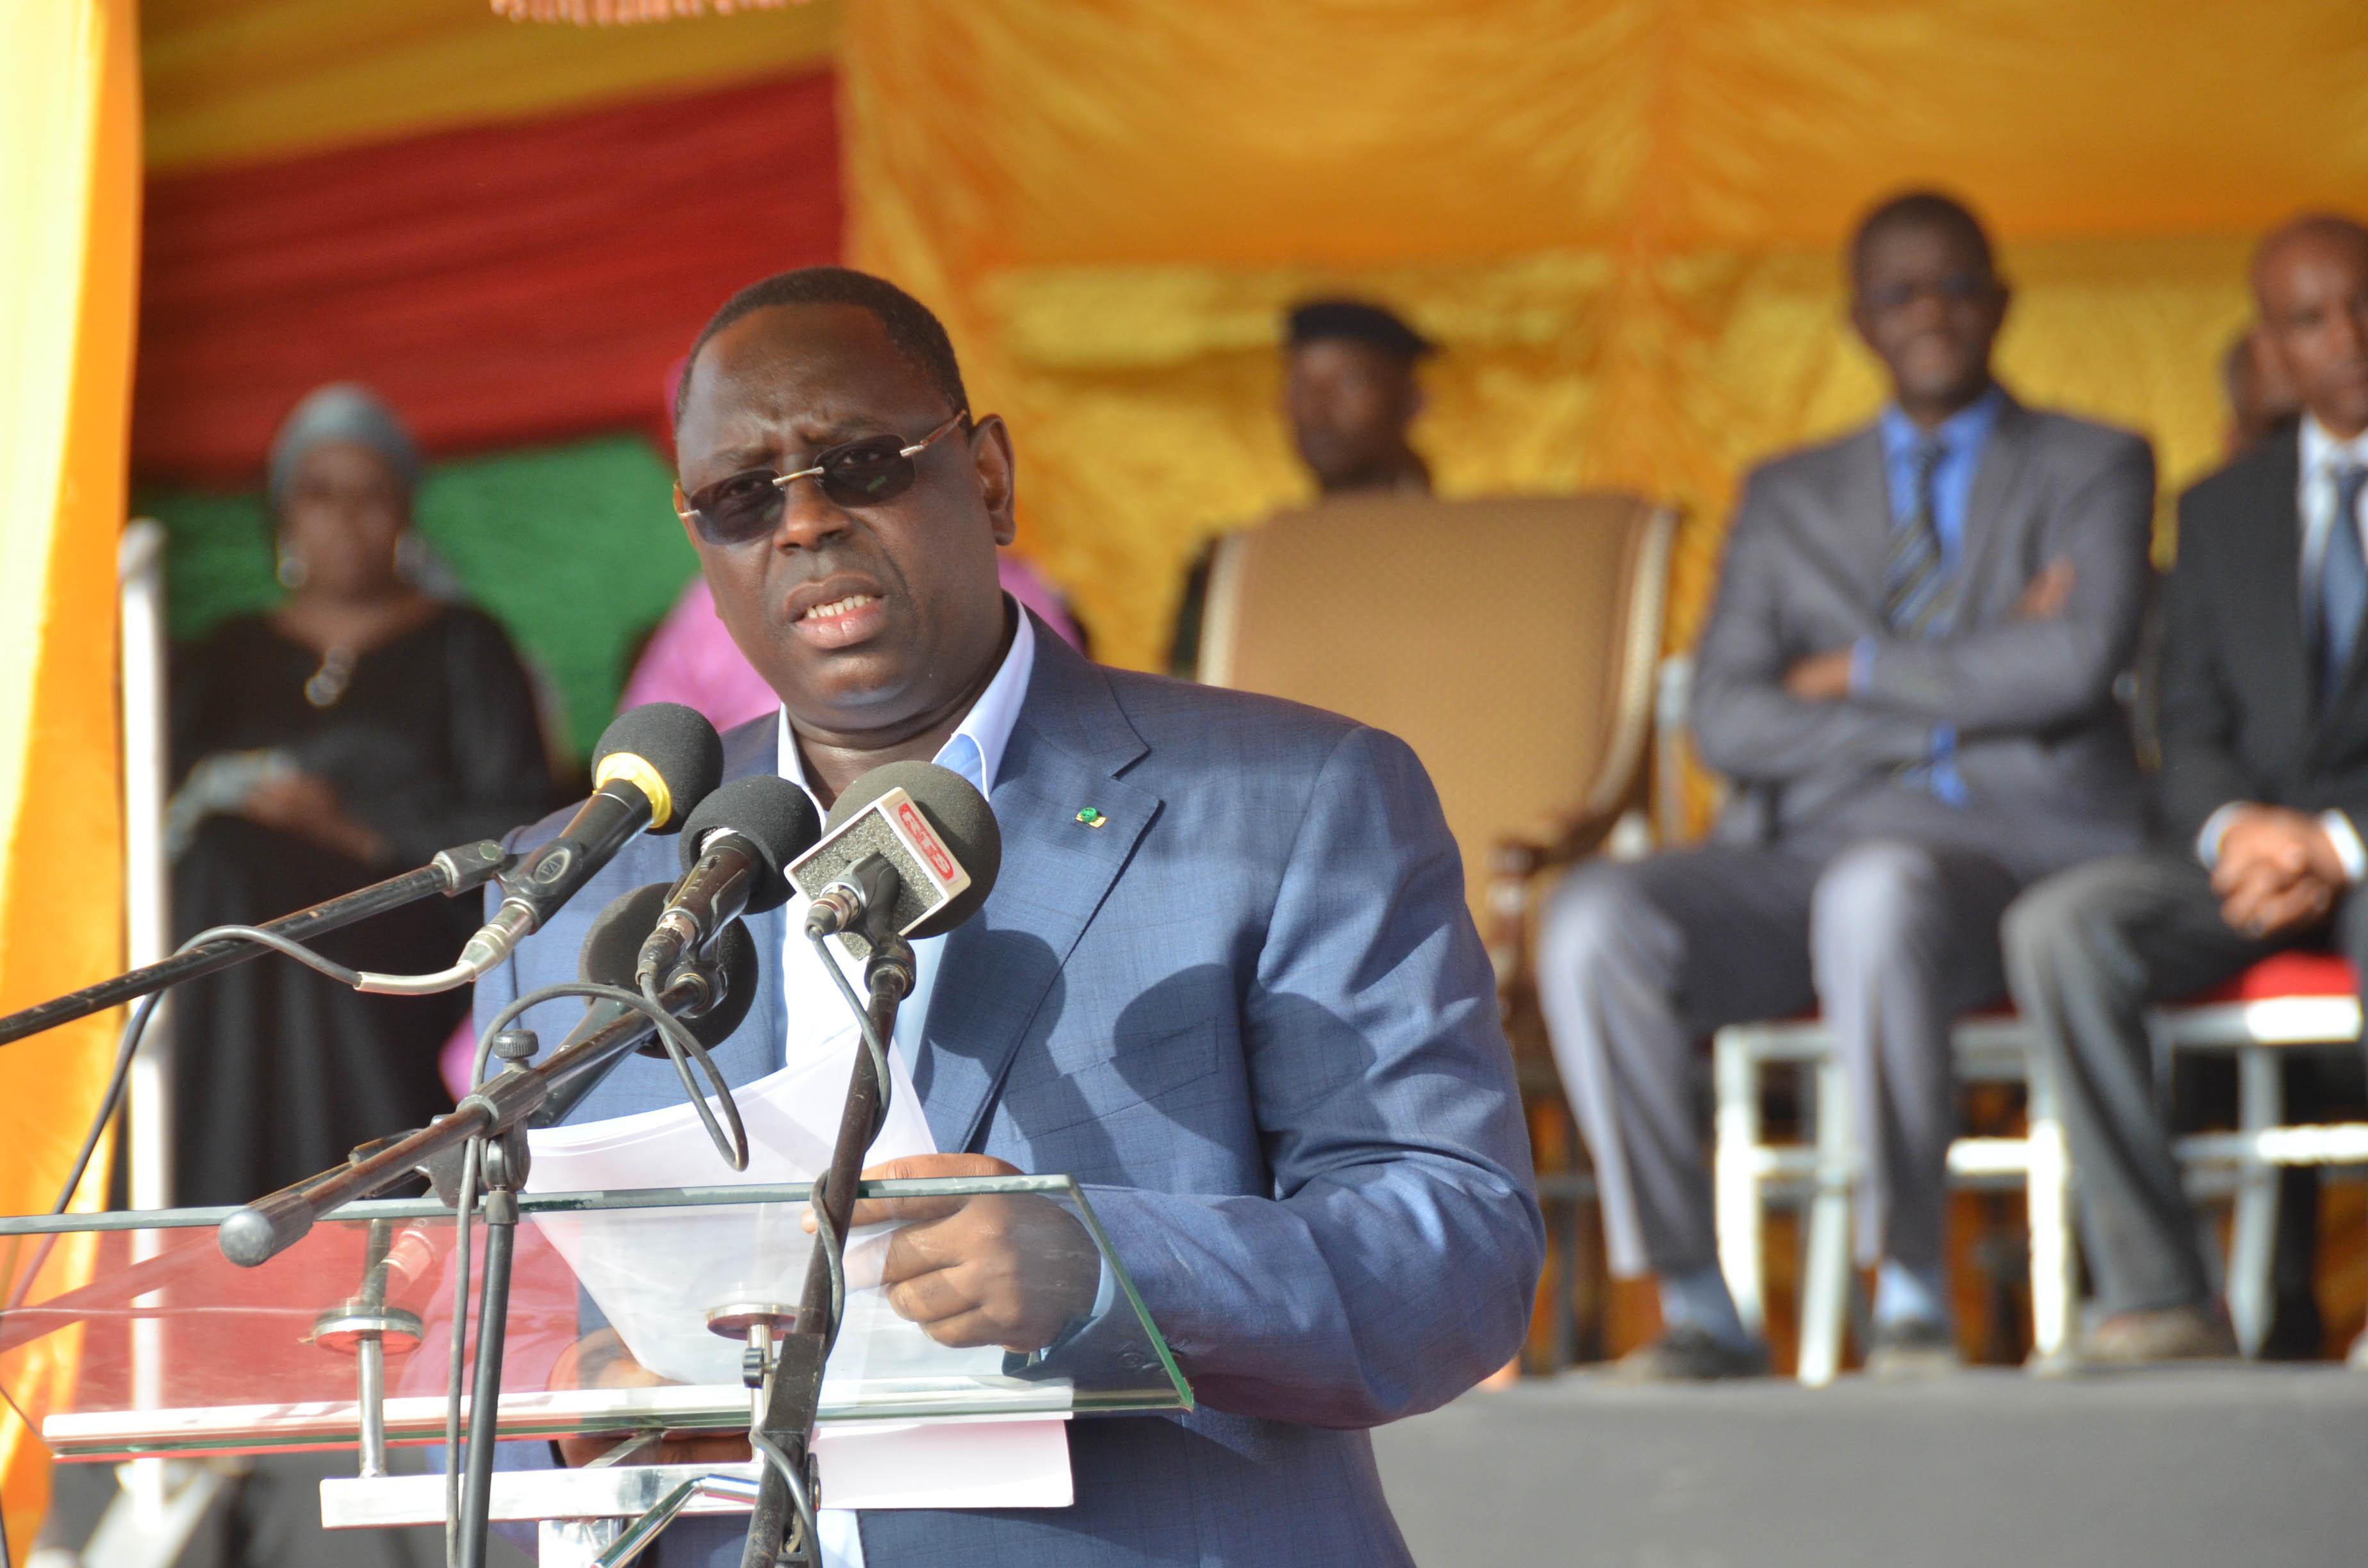 Sommet de la Francophonie : Les tapisseries Sénégalaises séduisent Macky Sall qui passe la commande pour ses hôtes